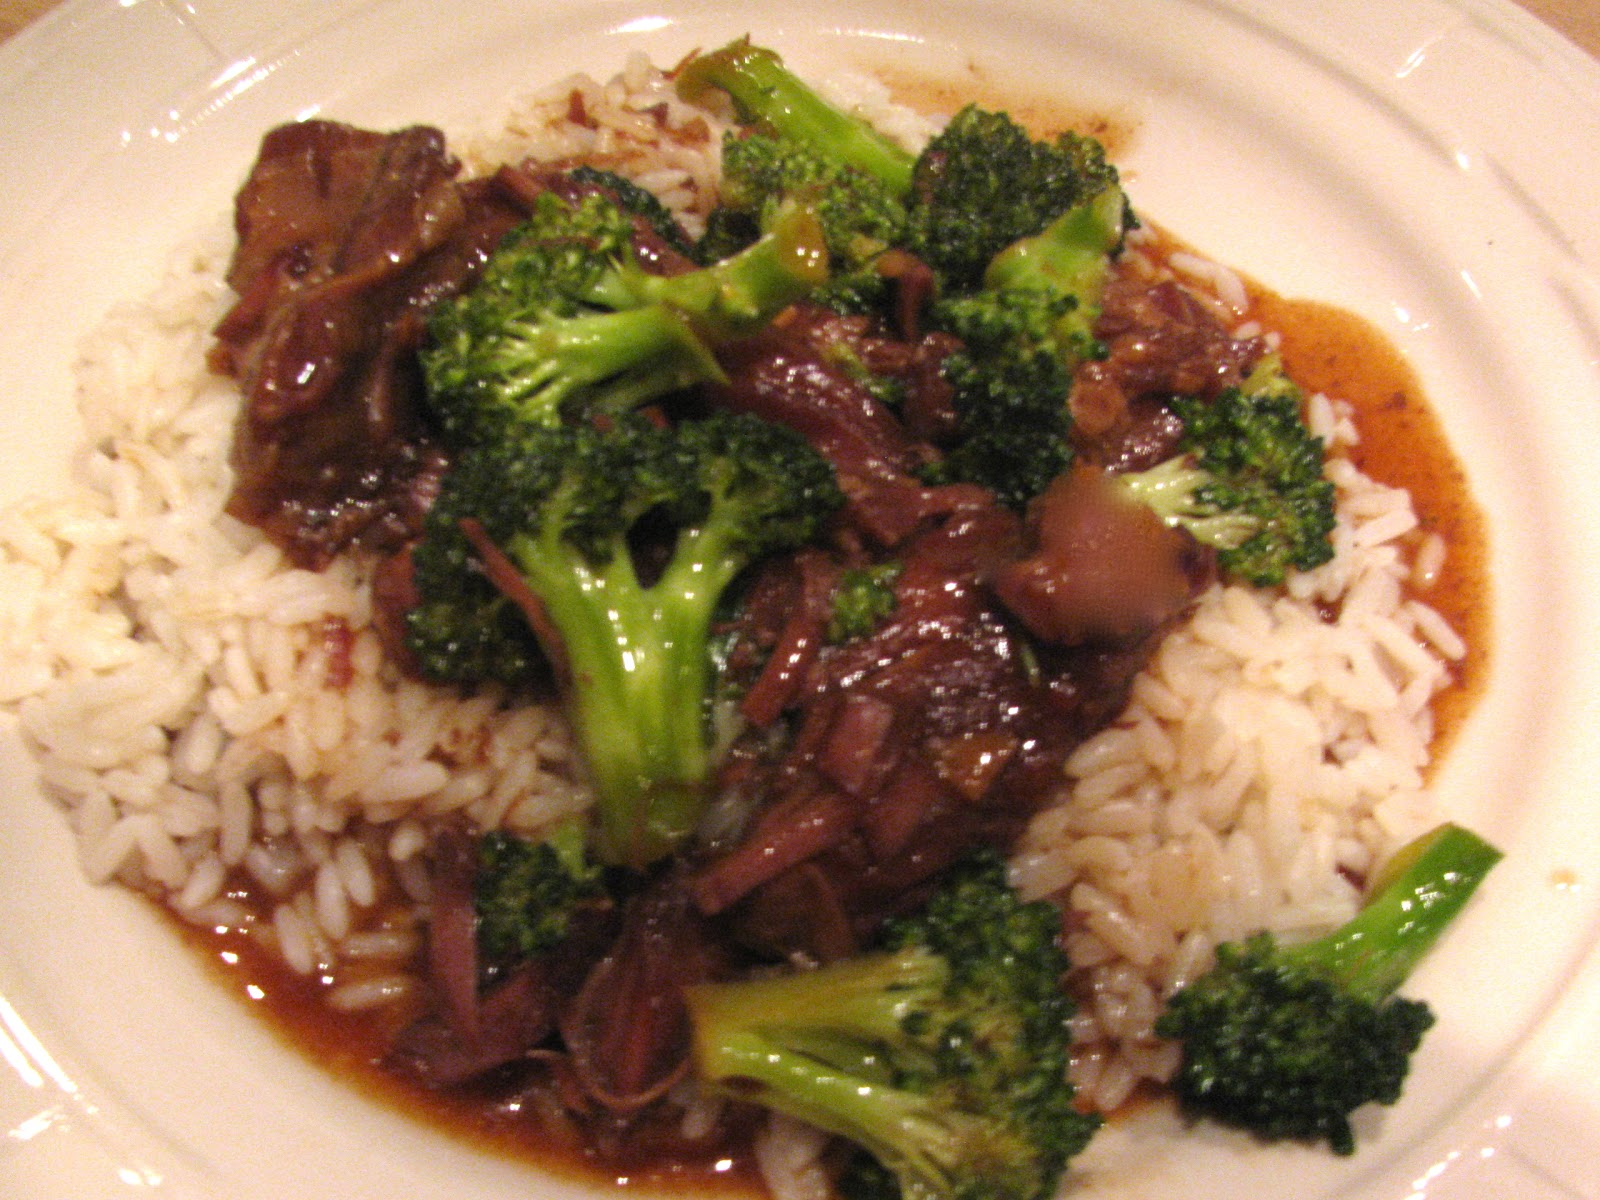 Rita's Recipes: Crock Pot Beef and Broccoli